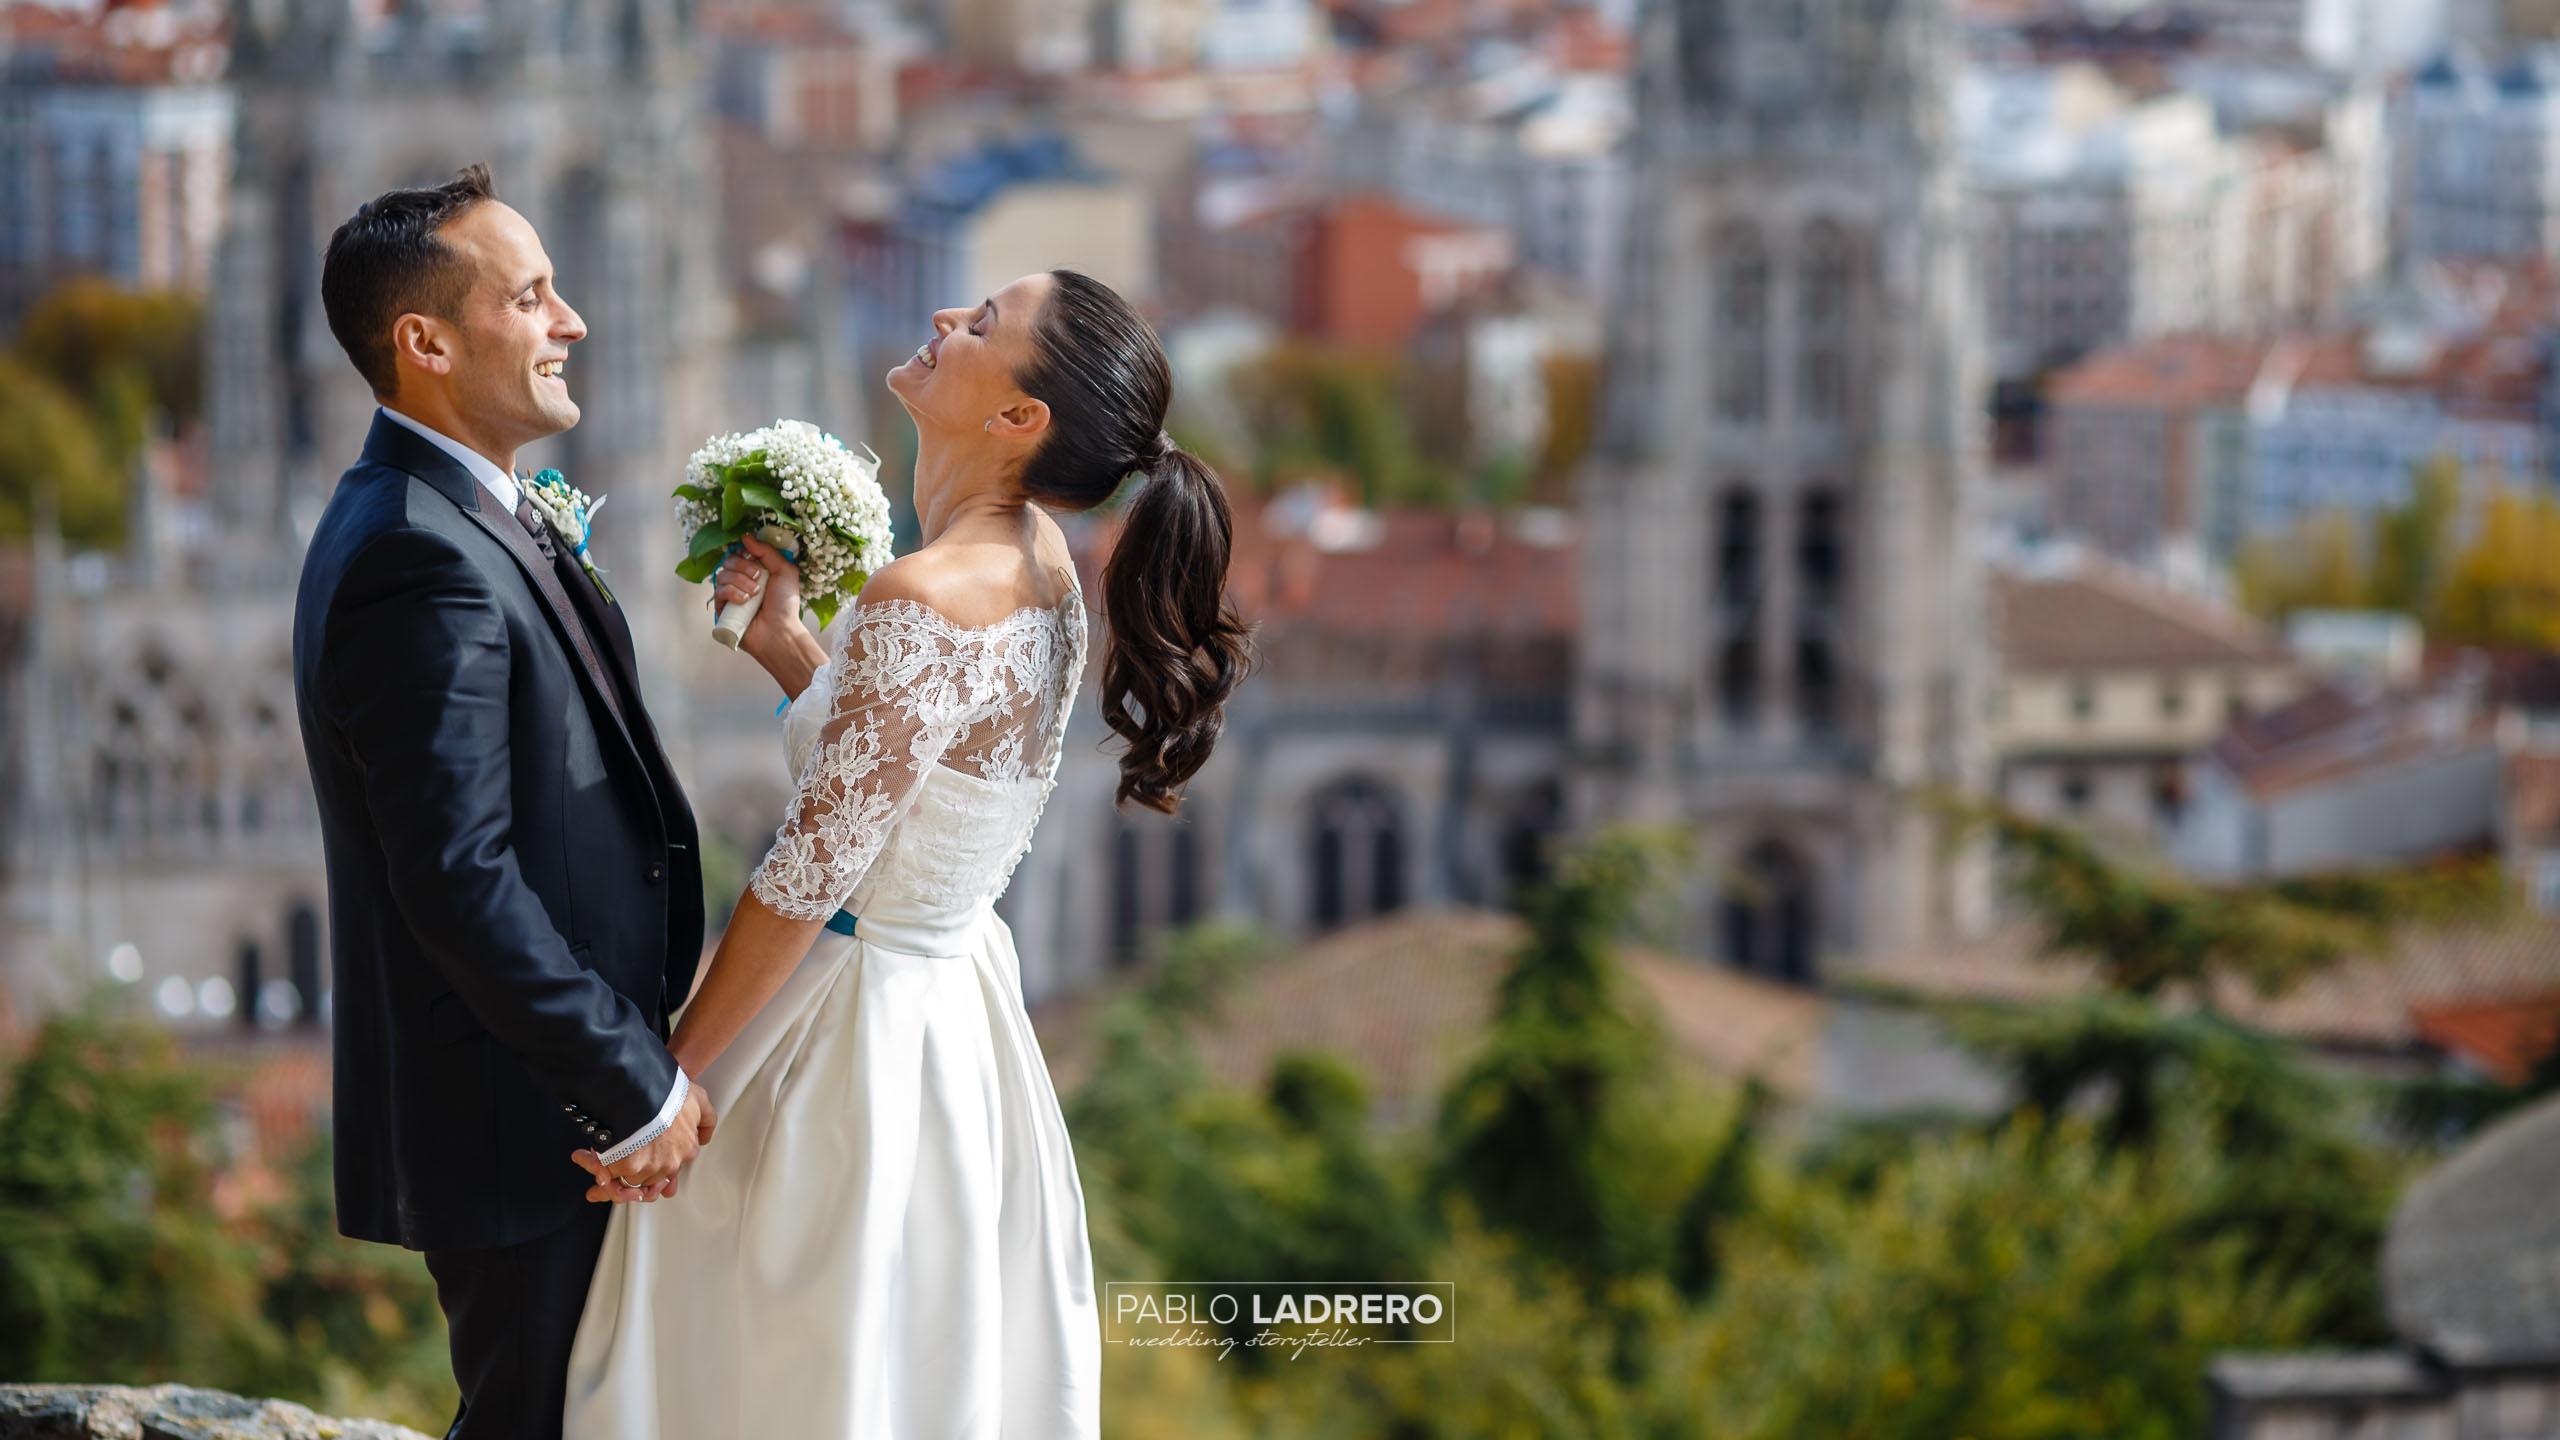 Fotografia-de-boda-en-Burgos-Miranda-de-Ebro-Pablo-ladrero-fotografo-de-bodas